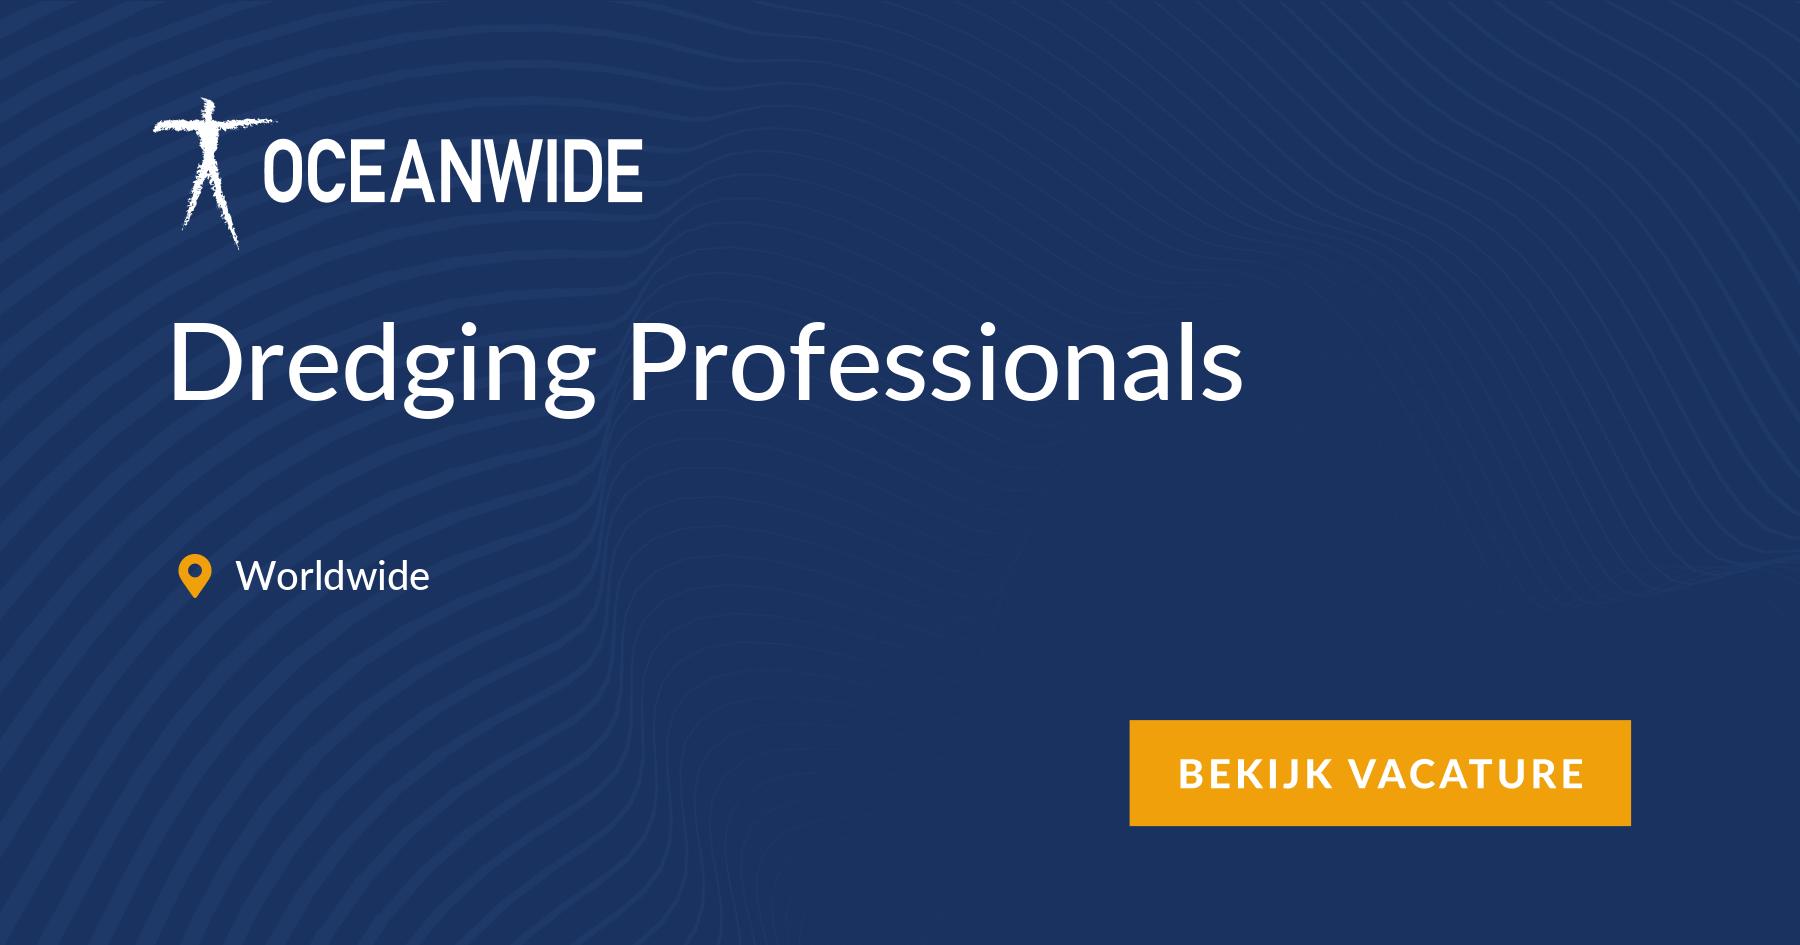 Dredging Professionals, Worldwide - maritime vacancy ~ Oceanwide